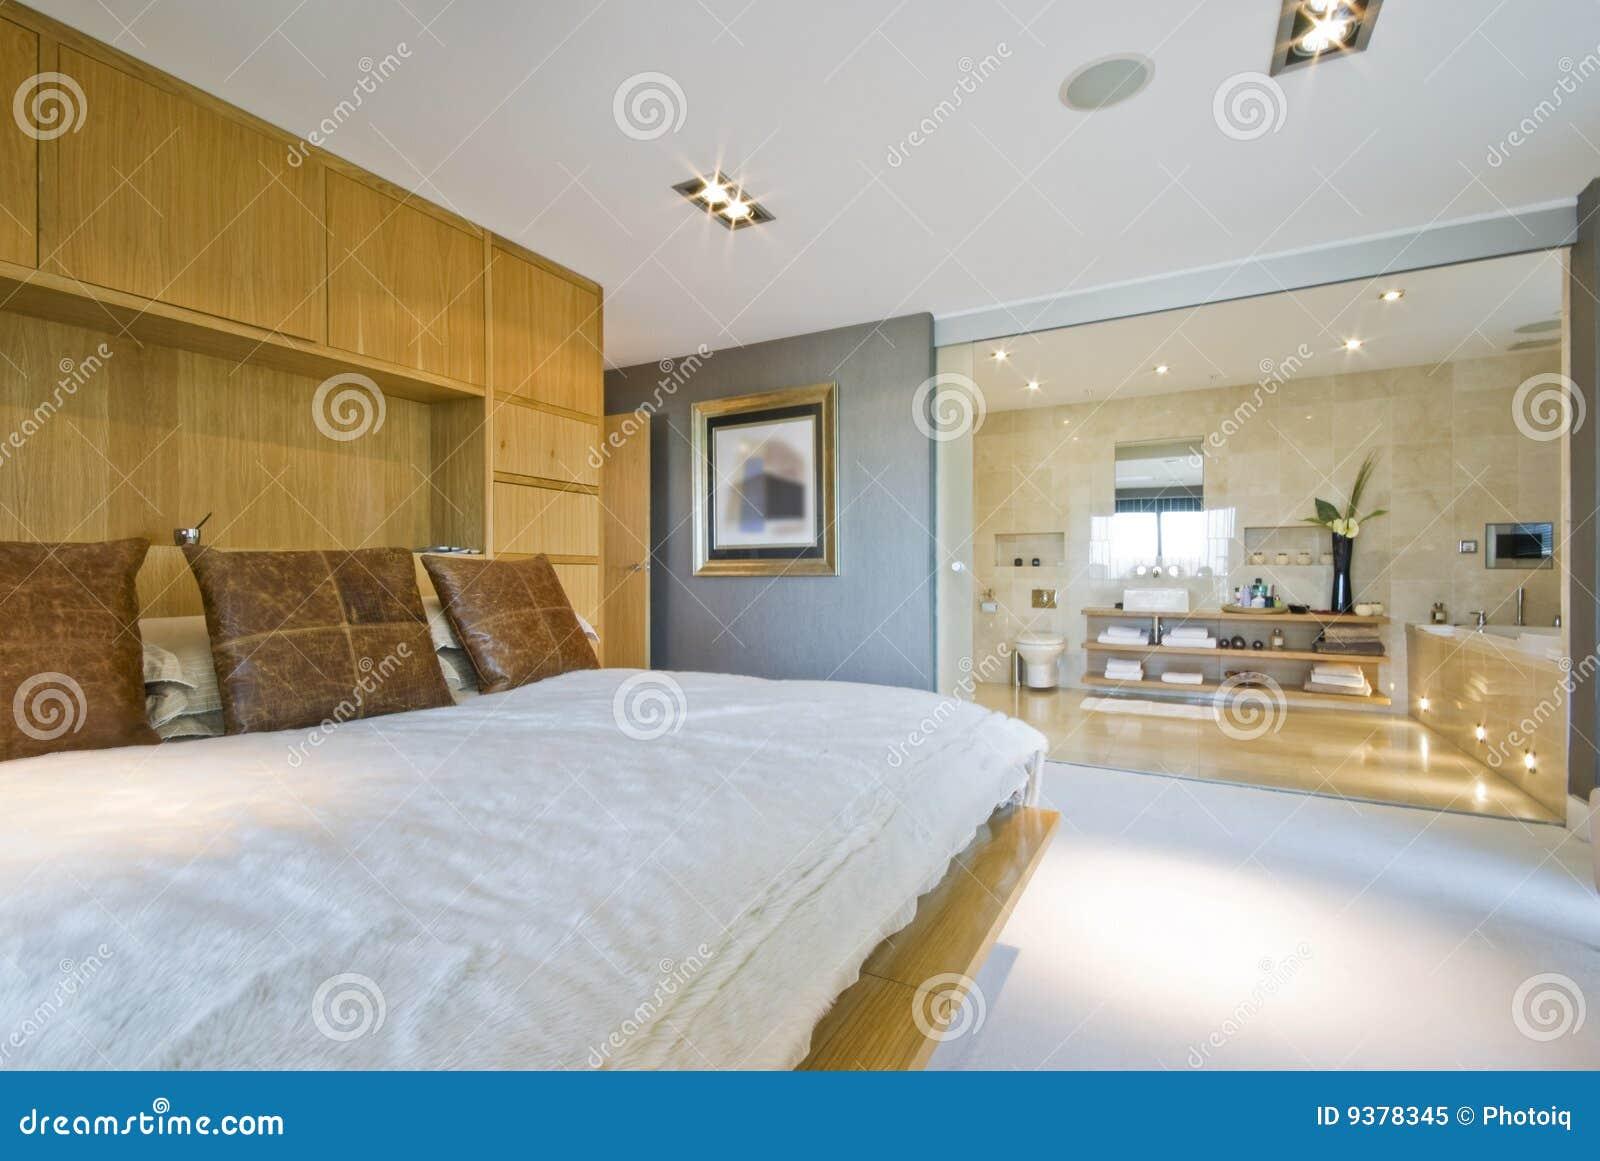 Grande salle de bain de luxe for Salle de bain dans la chambre a coucher